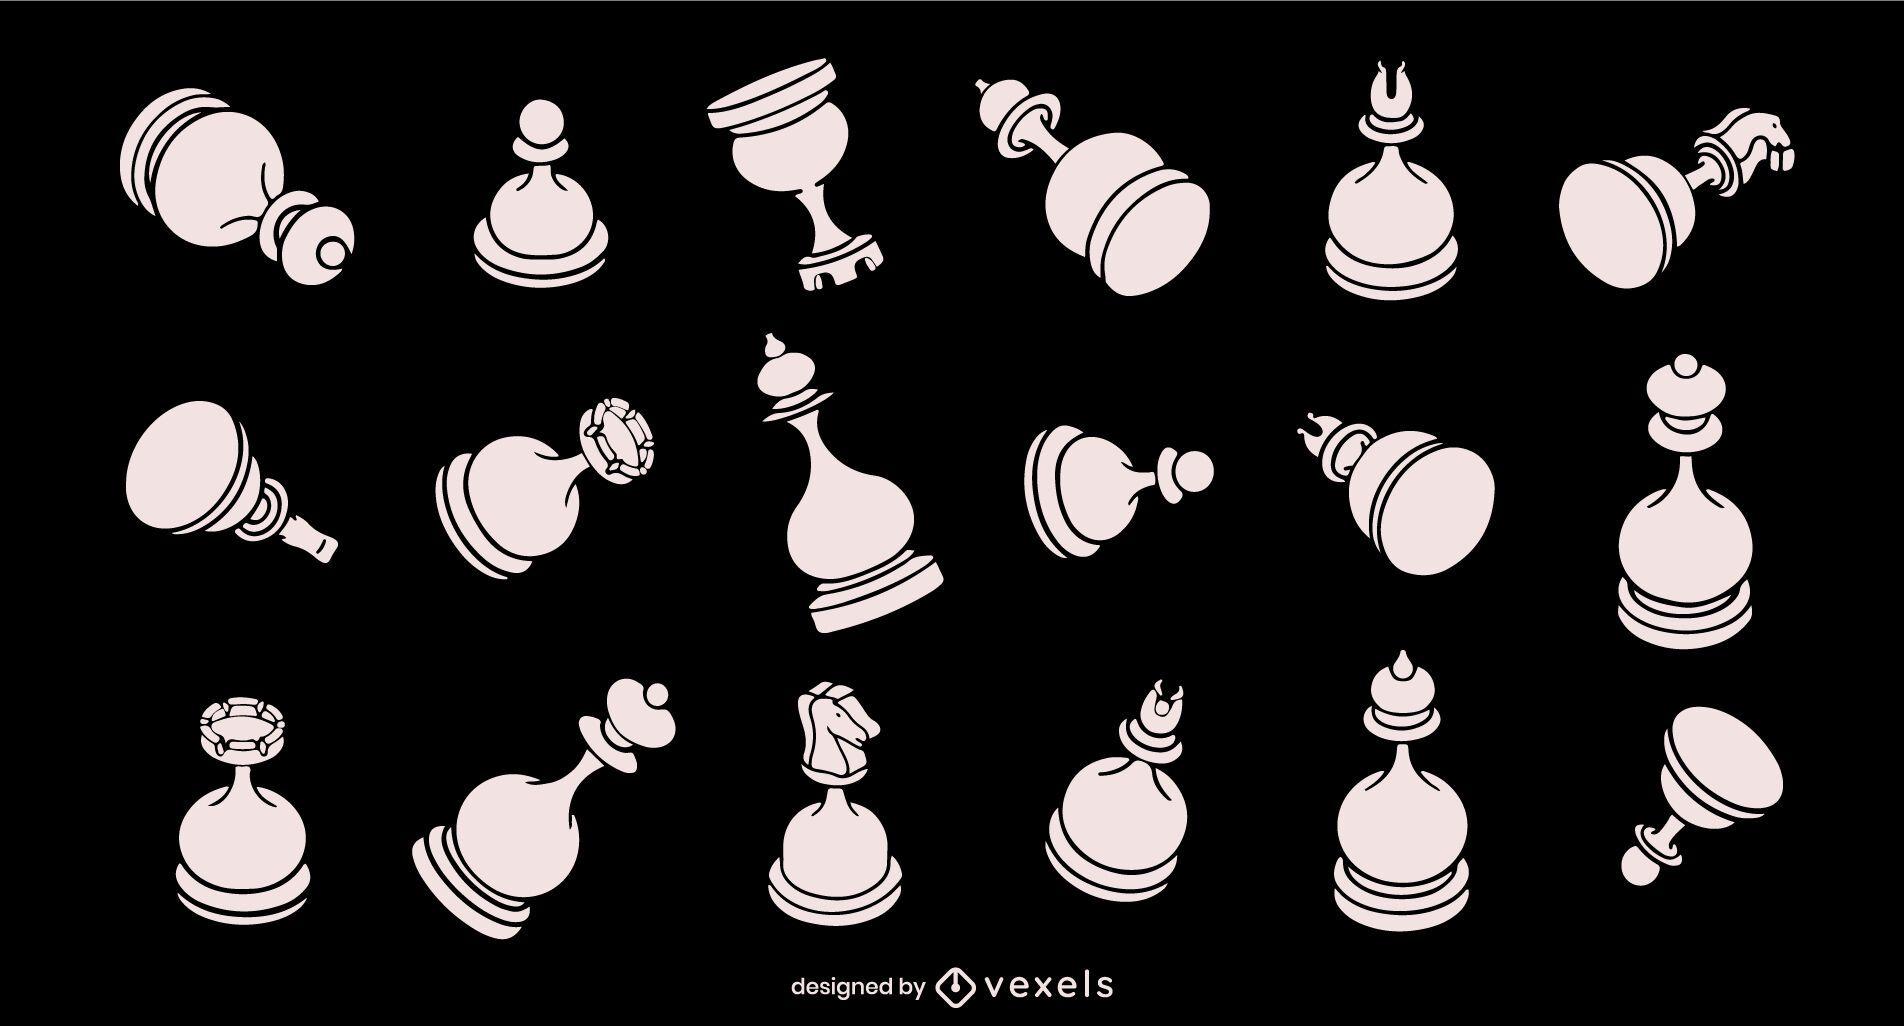 Conjunto de piezas de ajedrez redondeadas de trazo blanco